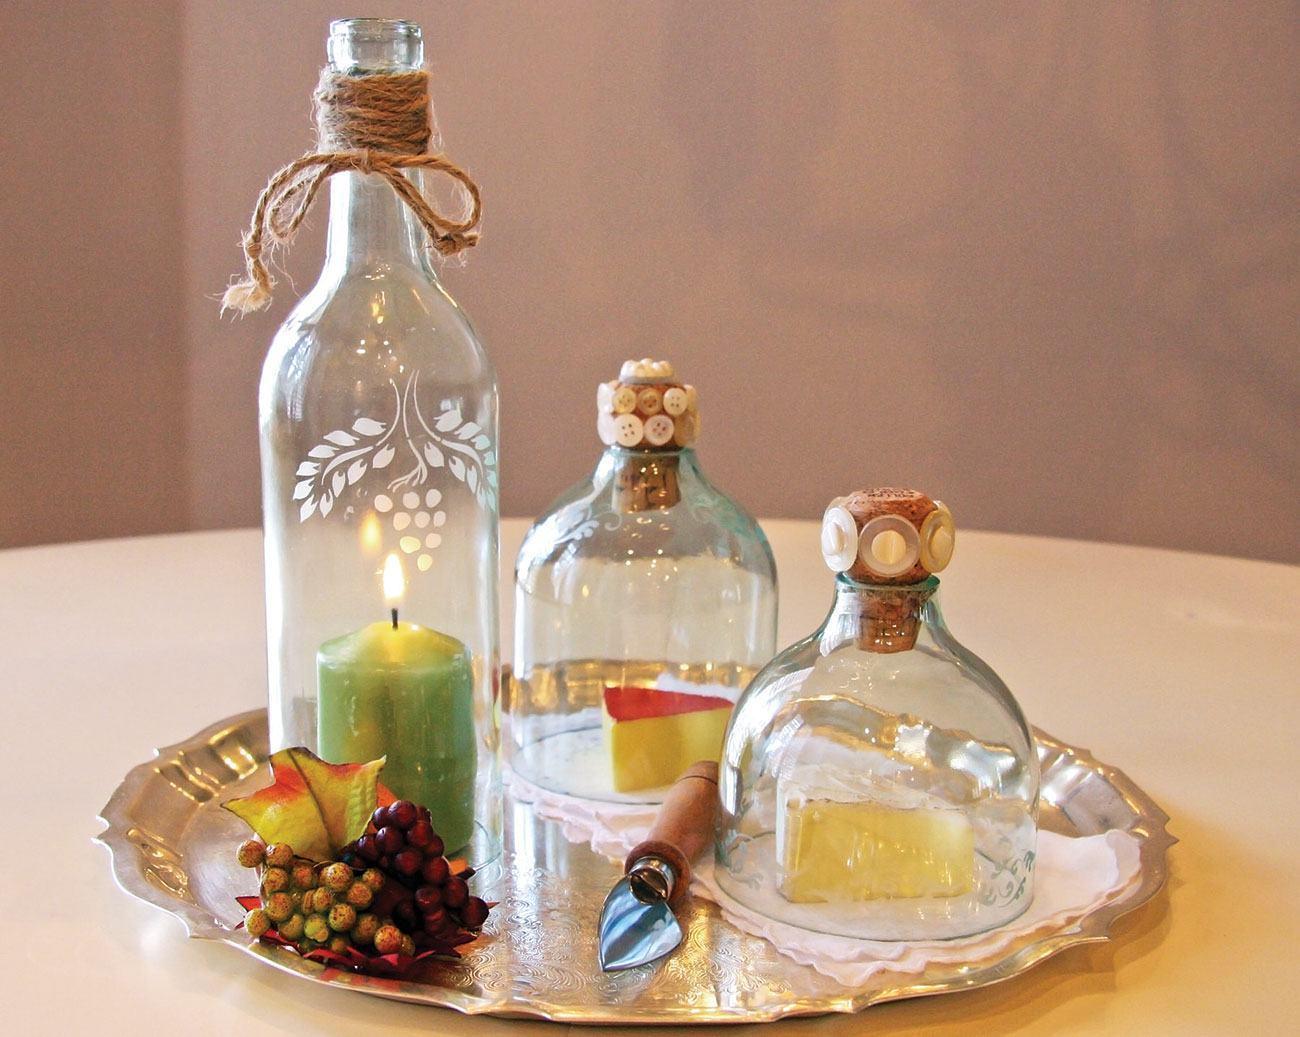 Garrafas de vidro cortadas que abrigam a vela e outros objetos.